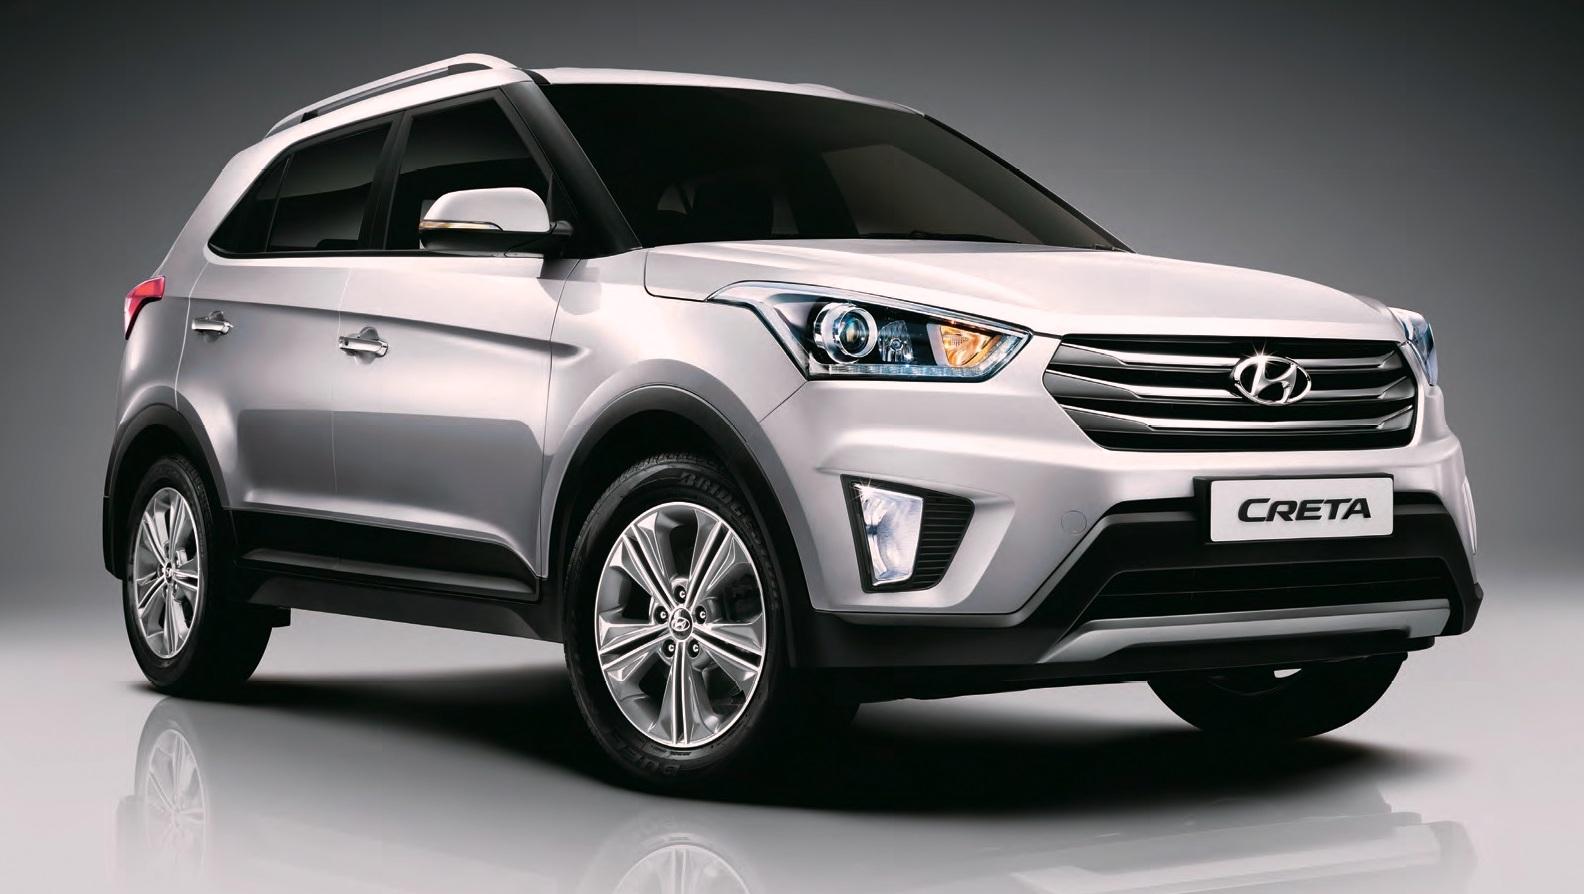 Novo Hyundai Creta 2018 - Preço, Consumo, Ficha Técnica ...